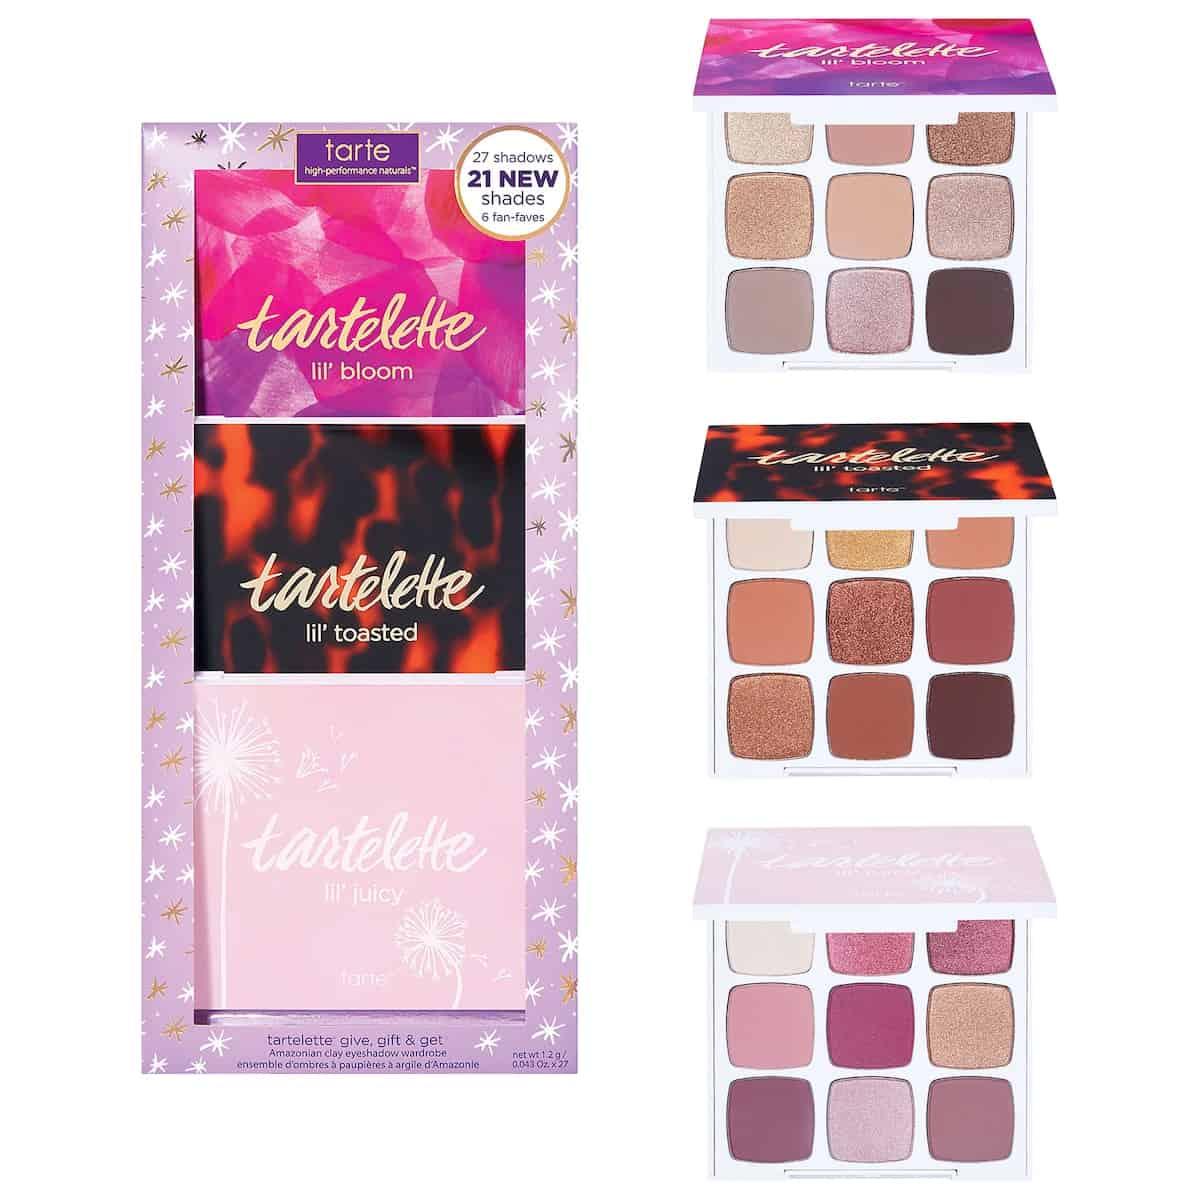 Tartelette Give, Gift & Get Amazonian Clay Eyeshadow, Tarte